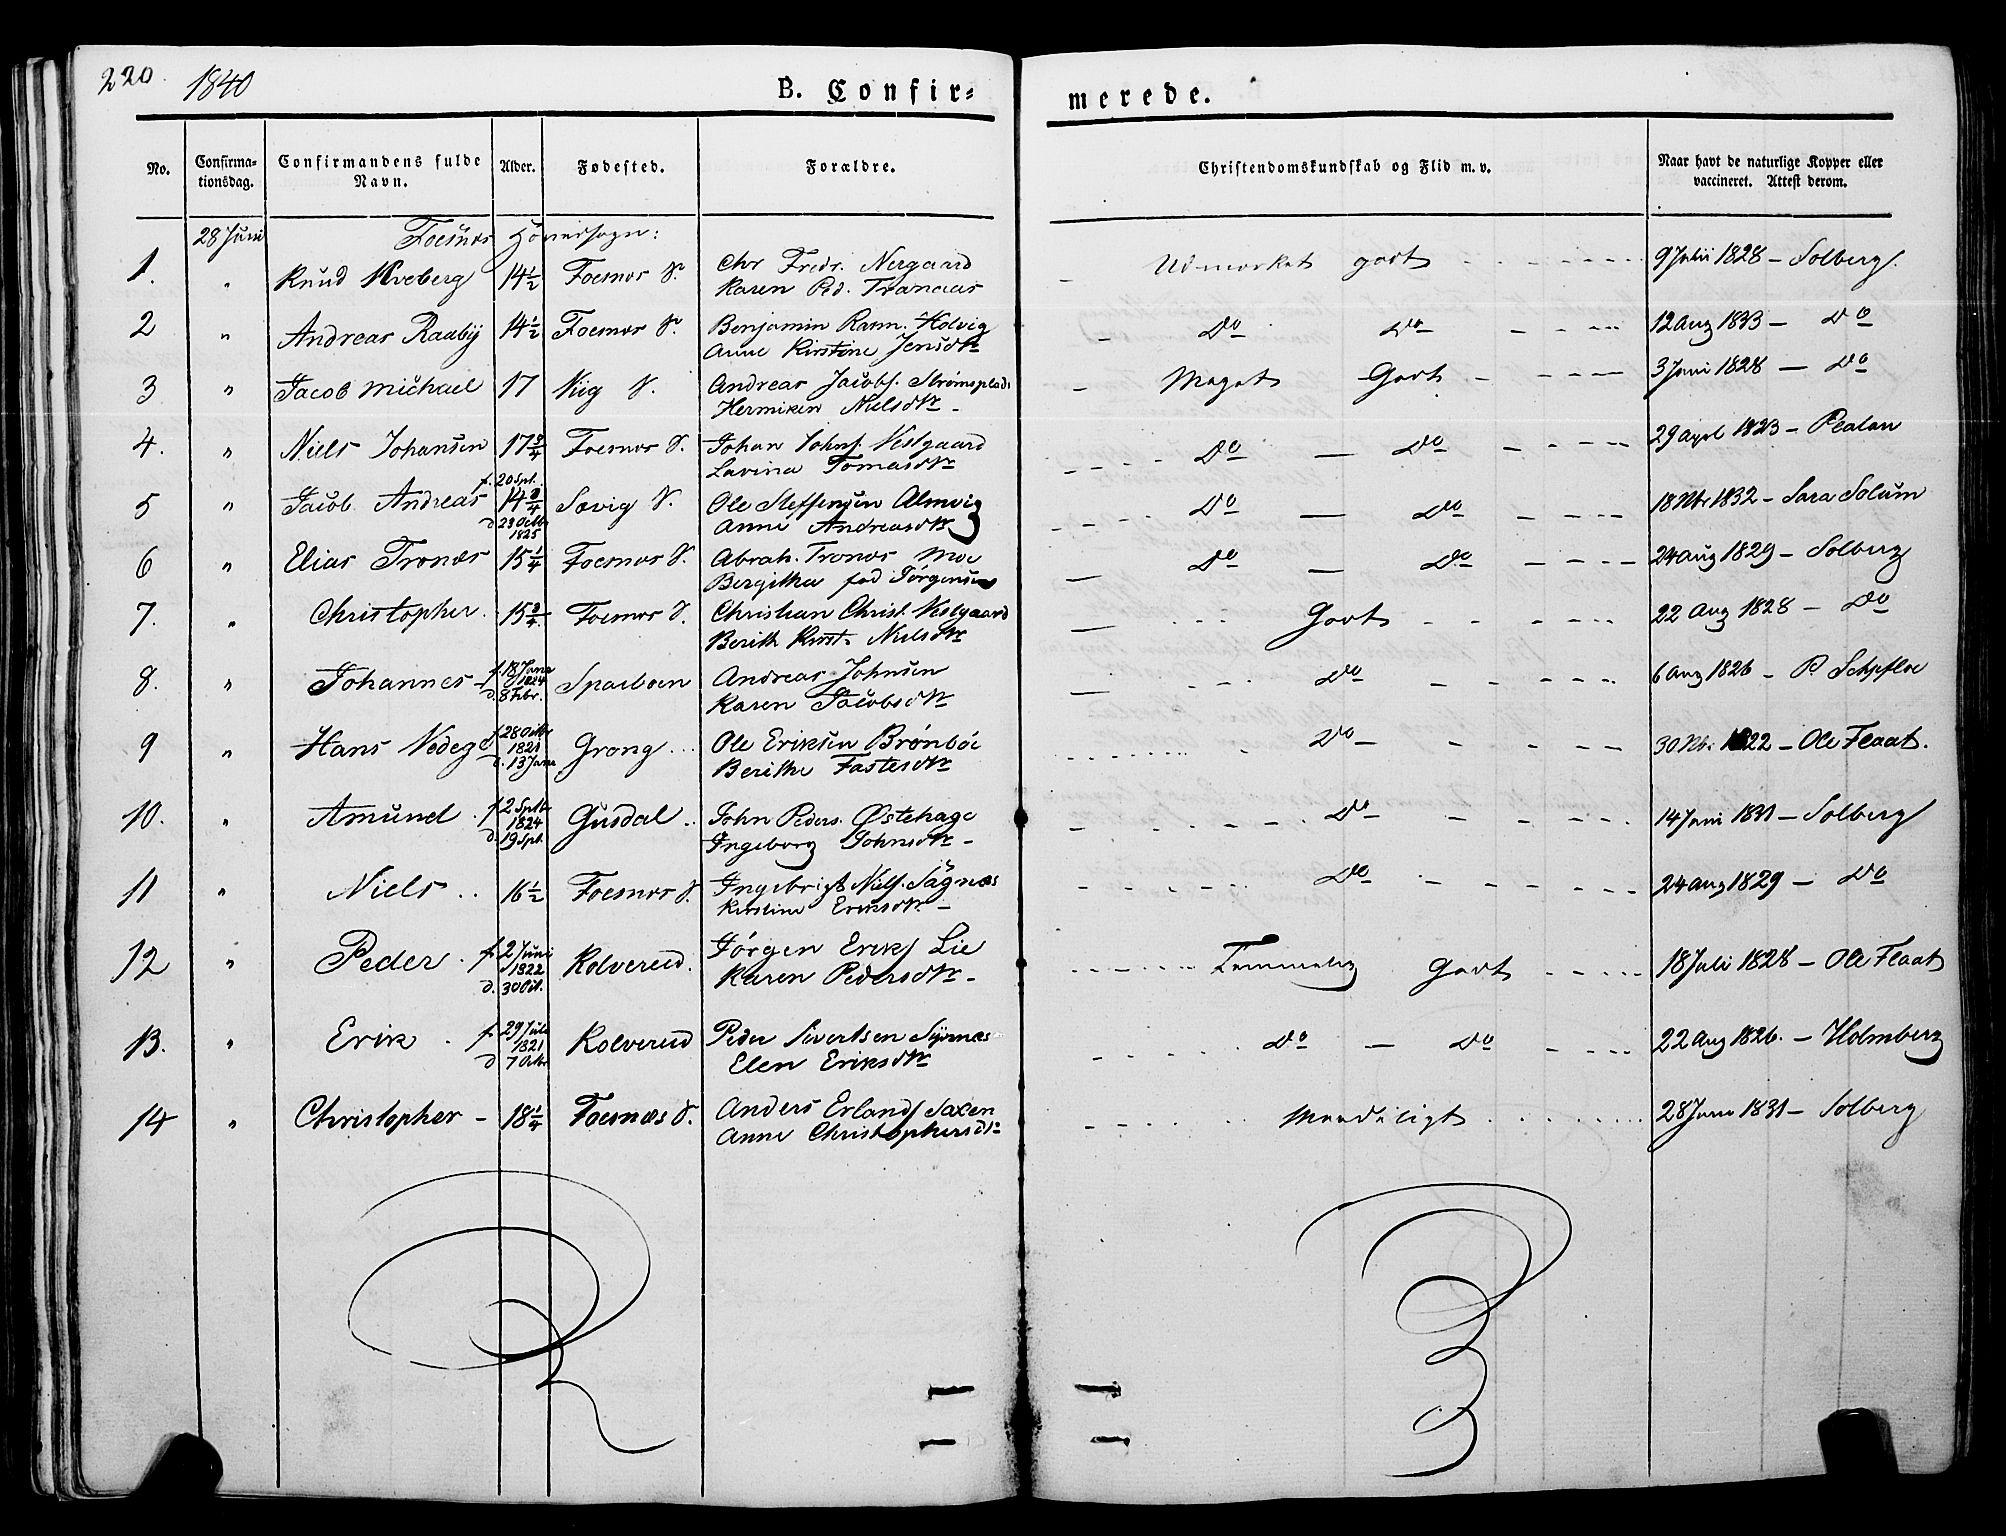 SAT, Ministerialprotokoller, klokkerbøker og fødselsregistre - Nord-Trøndelag, 773/L0614: Ministerialbok nr. 773A05, 1831-1856, s. 220